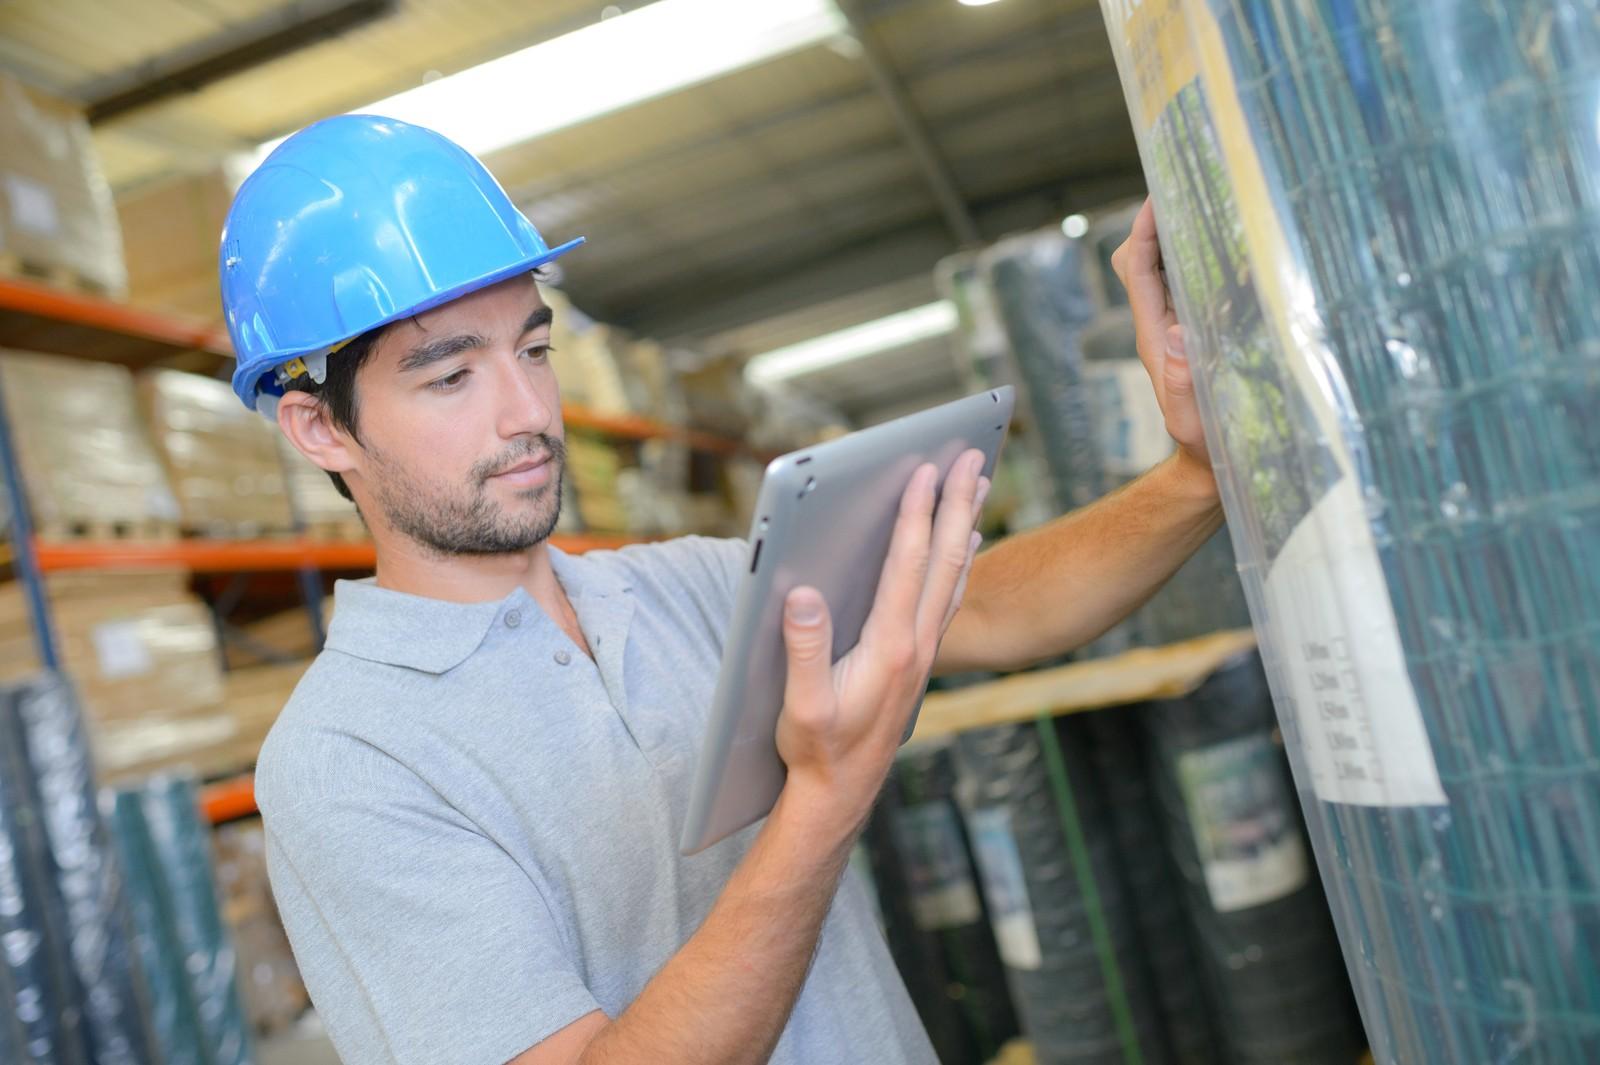 Handwerker, die bei der Warenanlieferung ihrer Prüf- und Rügepflicht nicht nachkommen, setzen ihre Gewährleistungsrechte aufs Spiel.